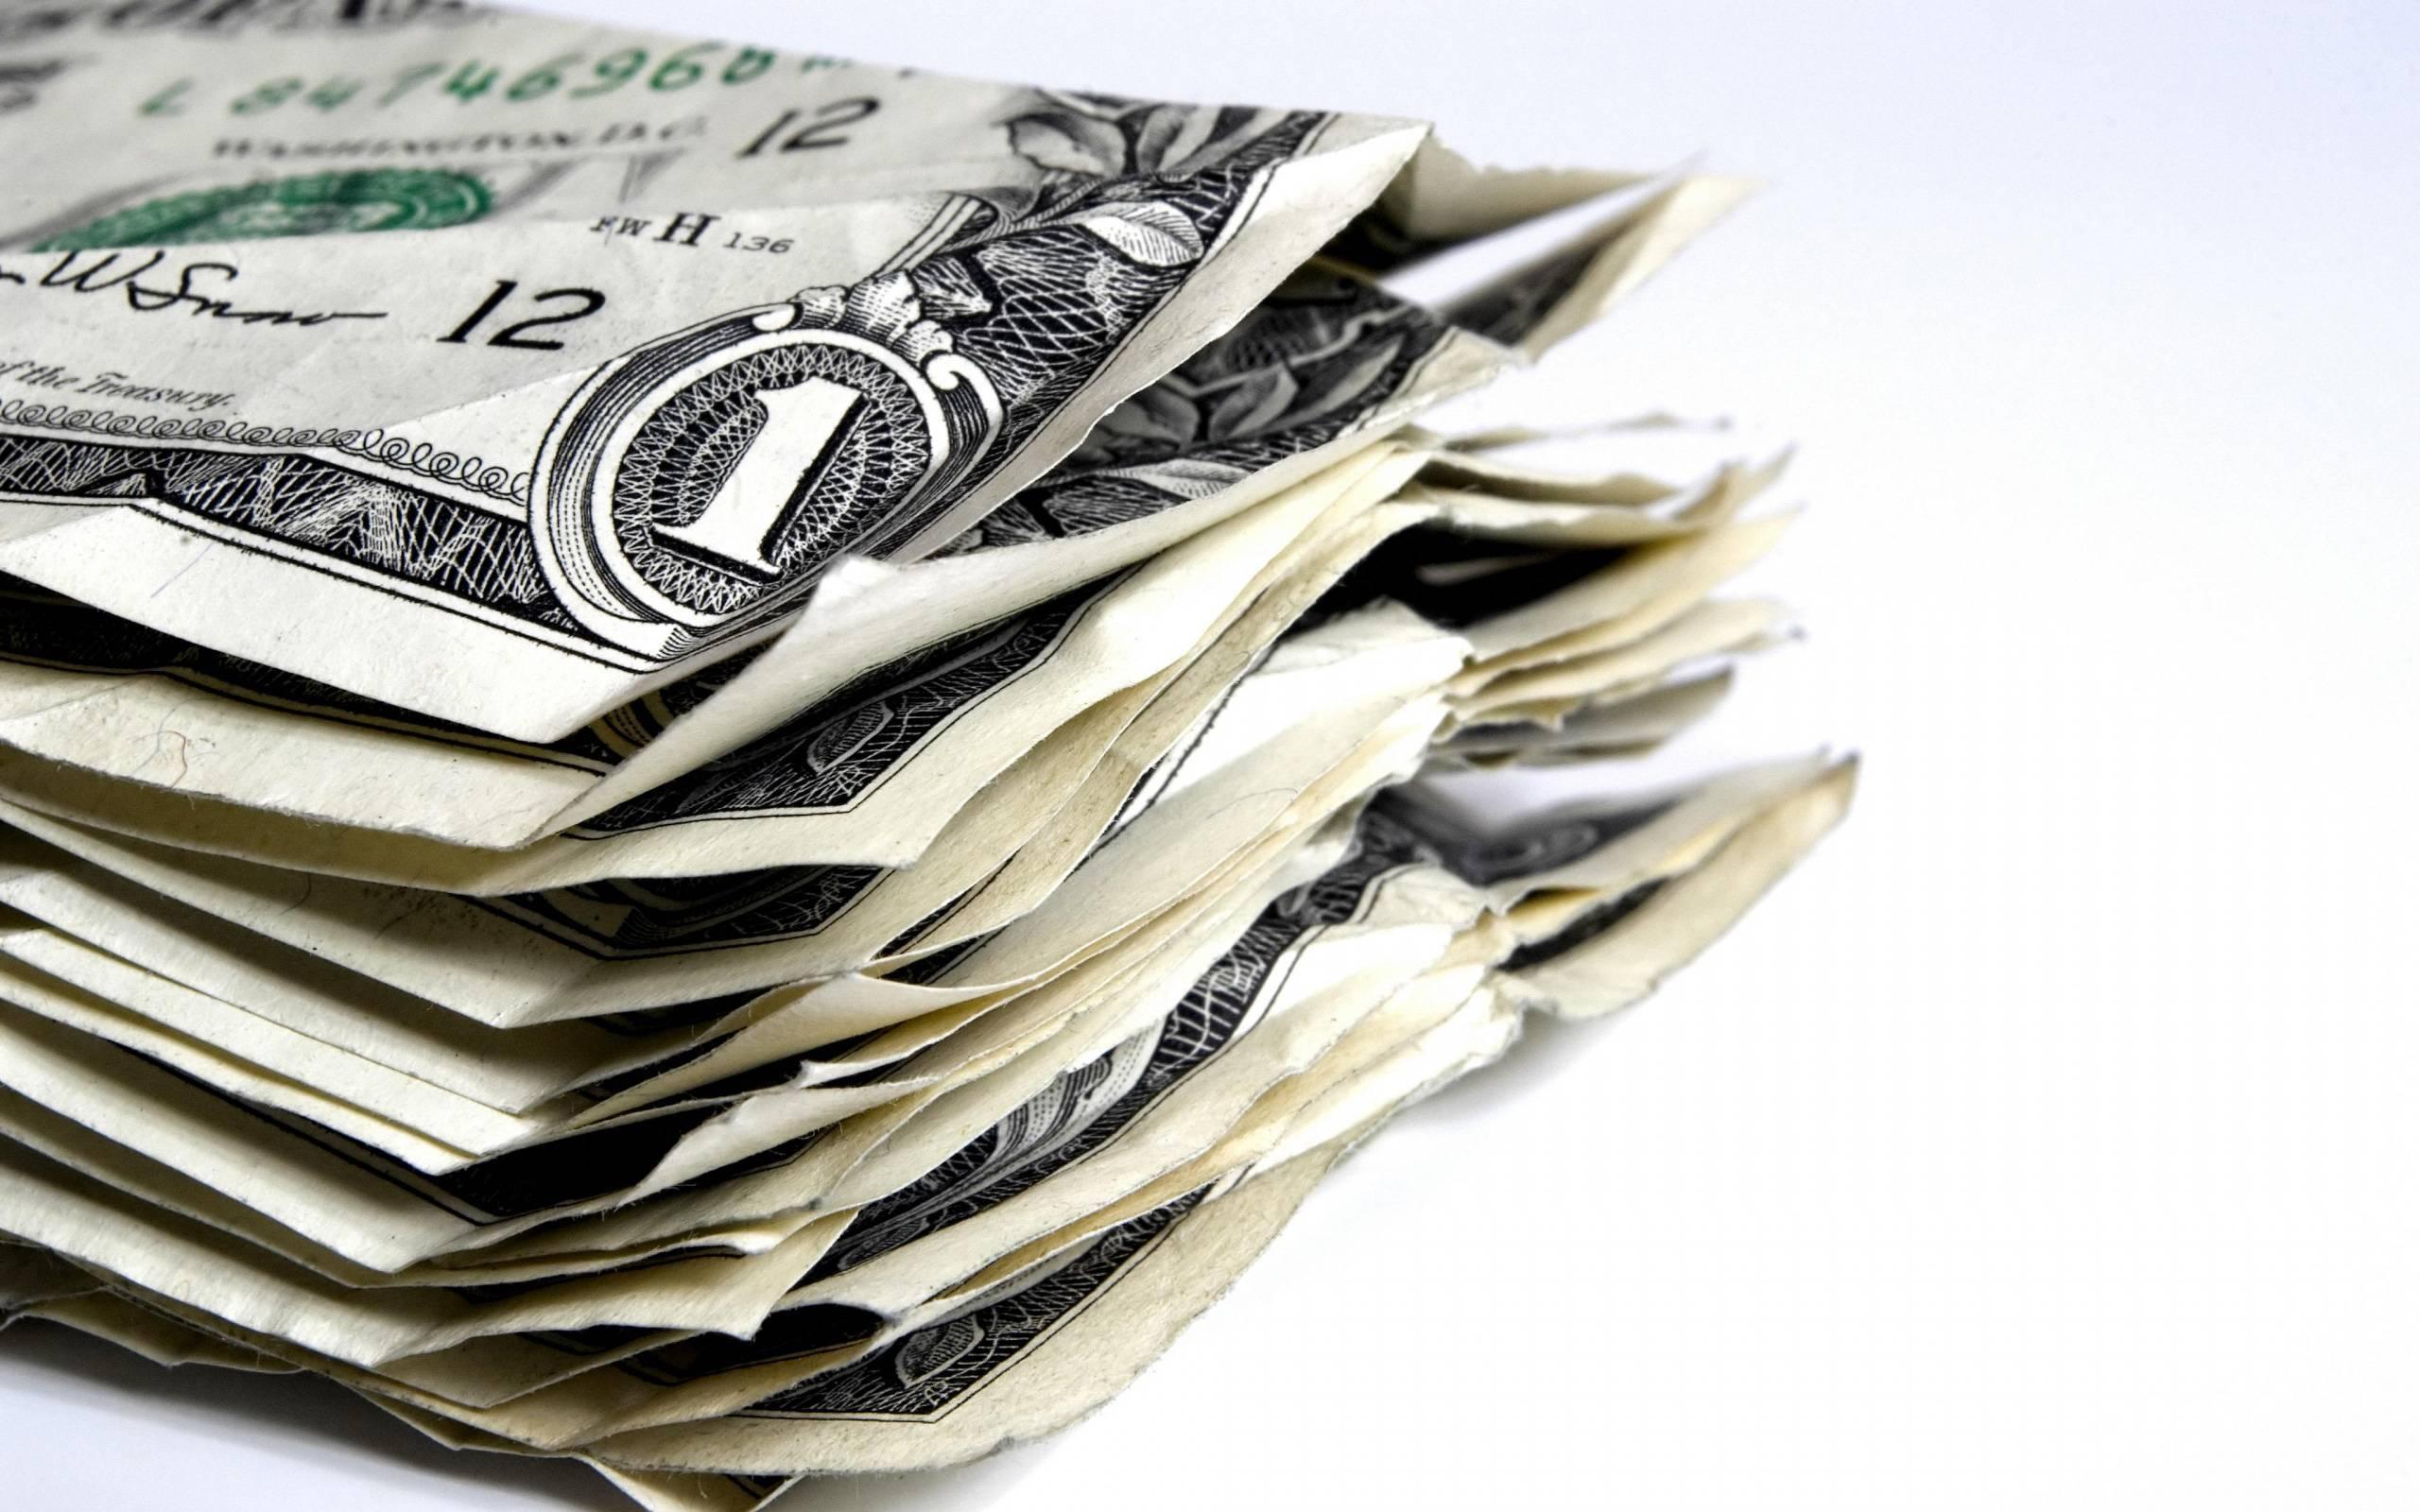 money-ab67b25a46fa6adda29ee53d7840c015.jpg